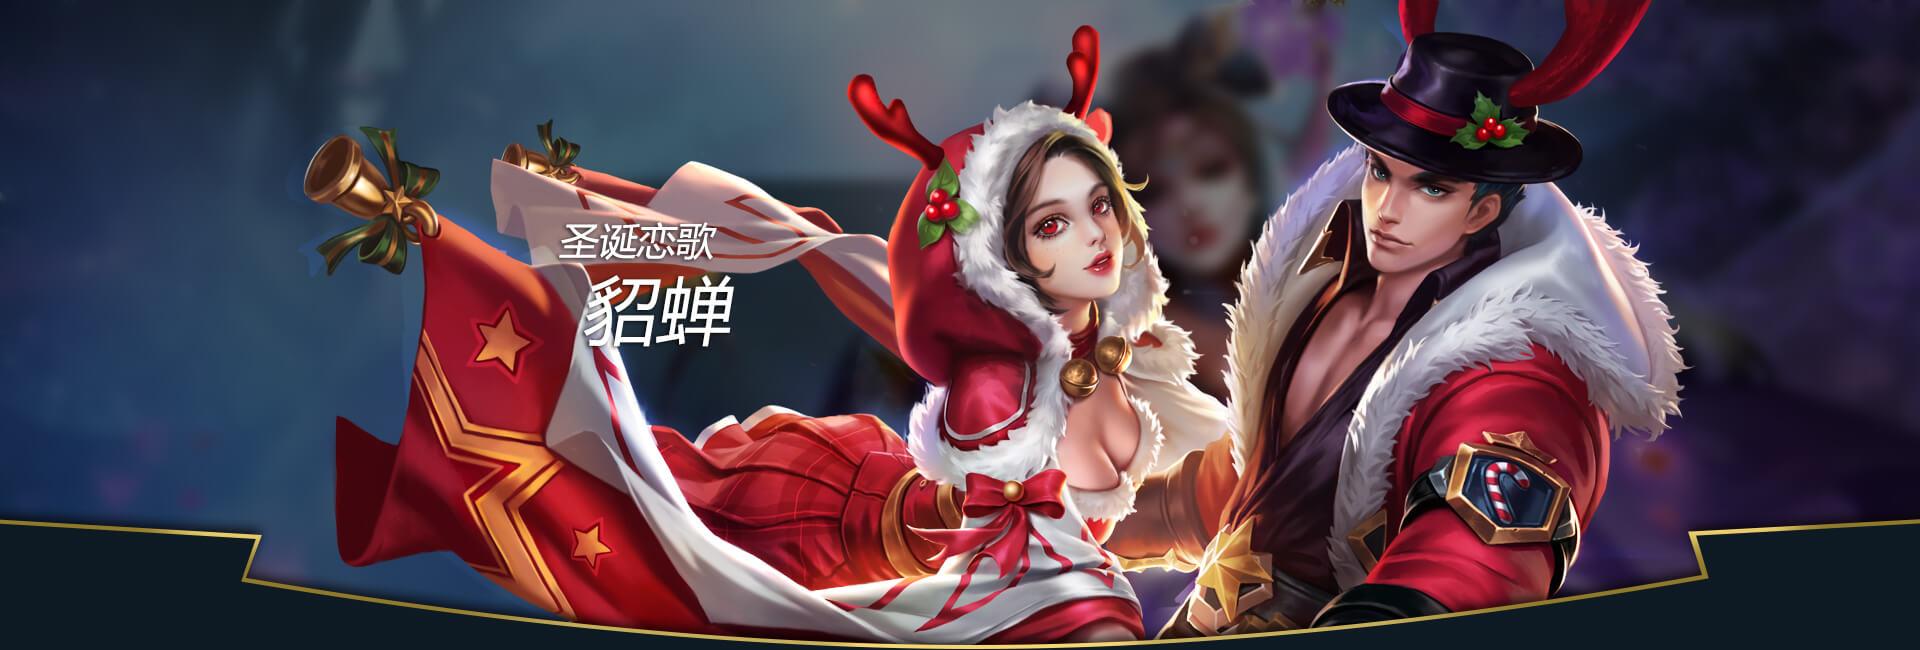 第2弹《王者荣耀英雄皮肤CG》竞技游戏120